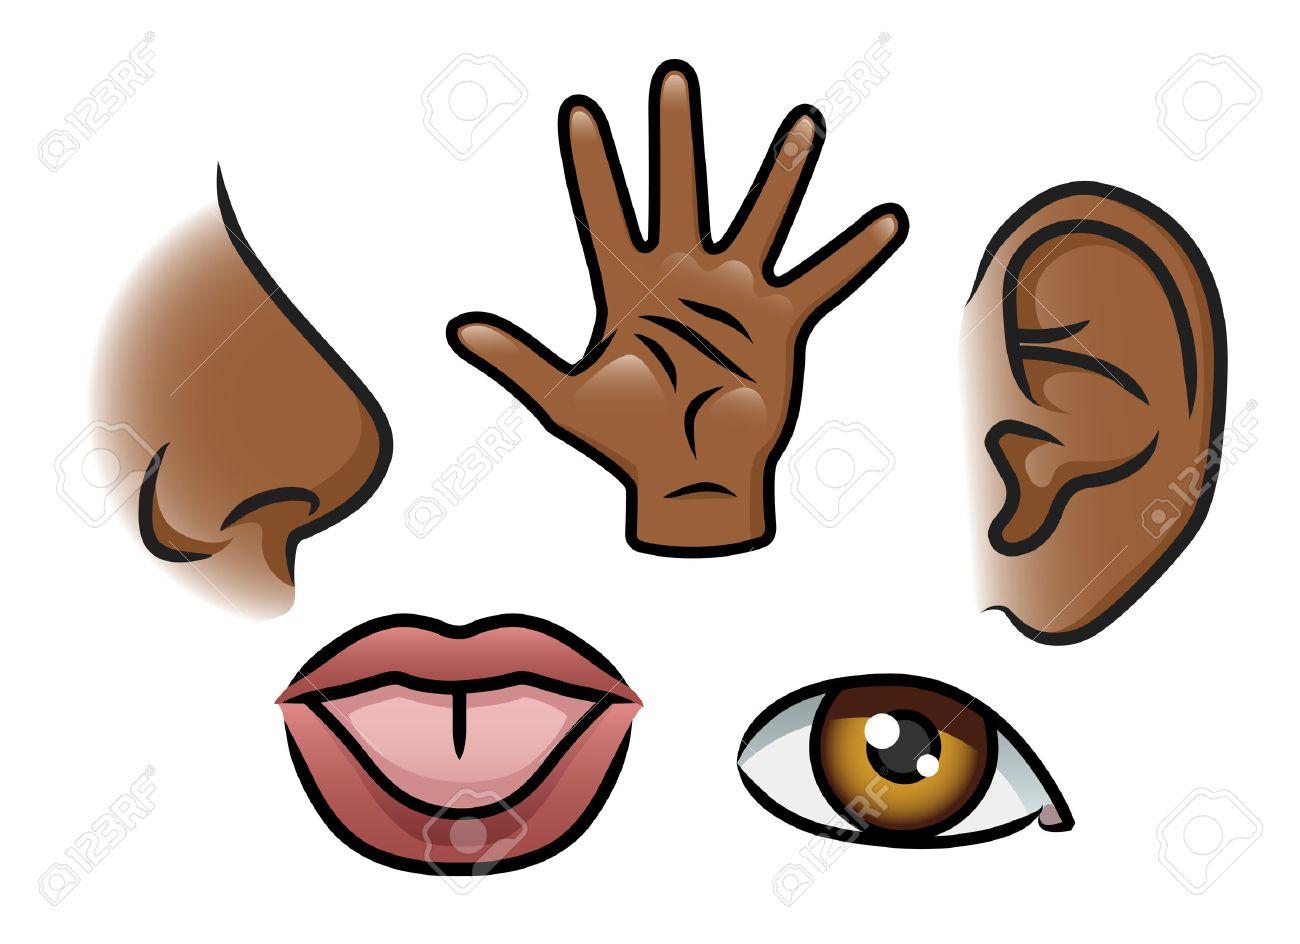 Una Ilustración De Dibujos Animados Que Representa Los 5 Sentidos